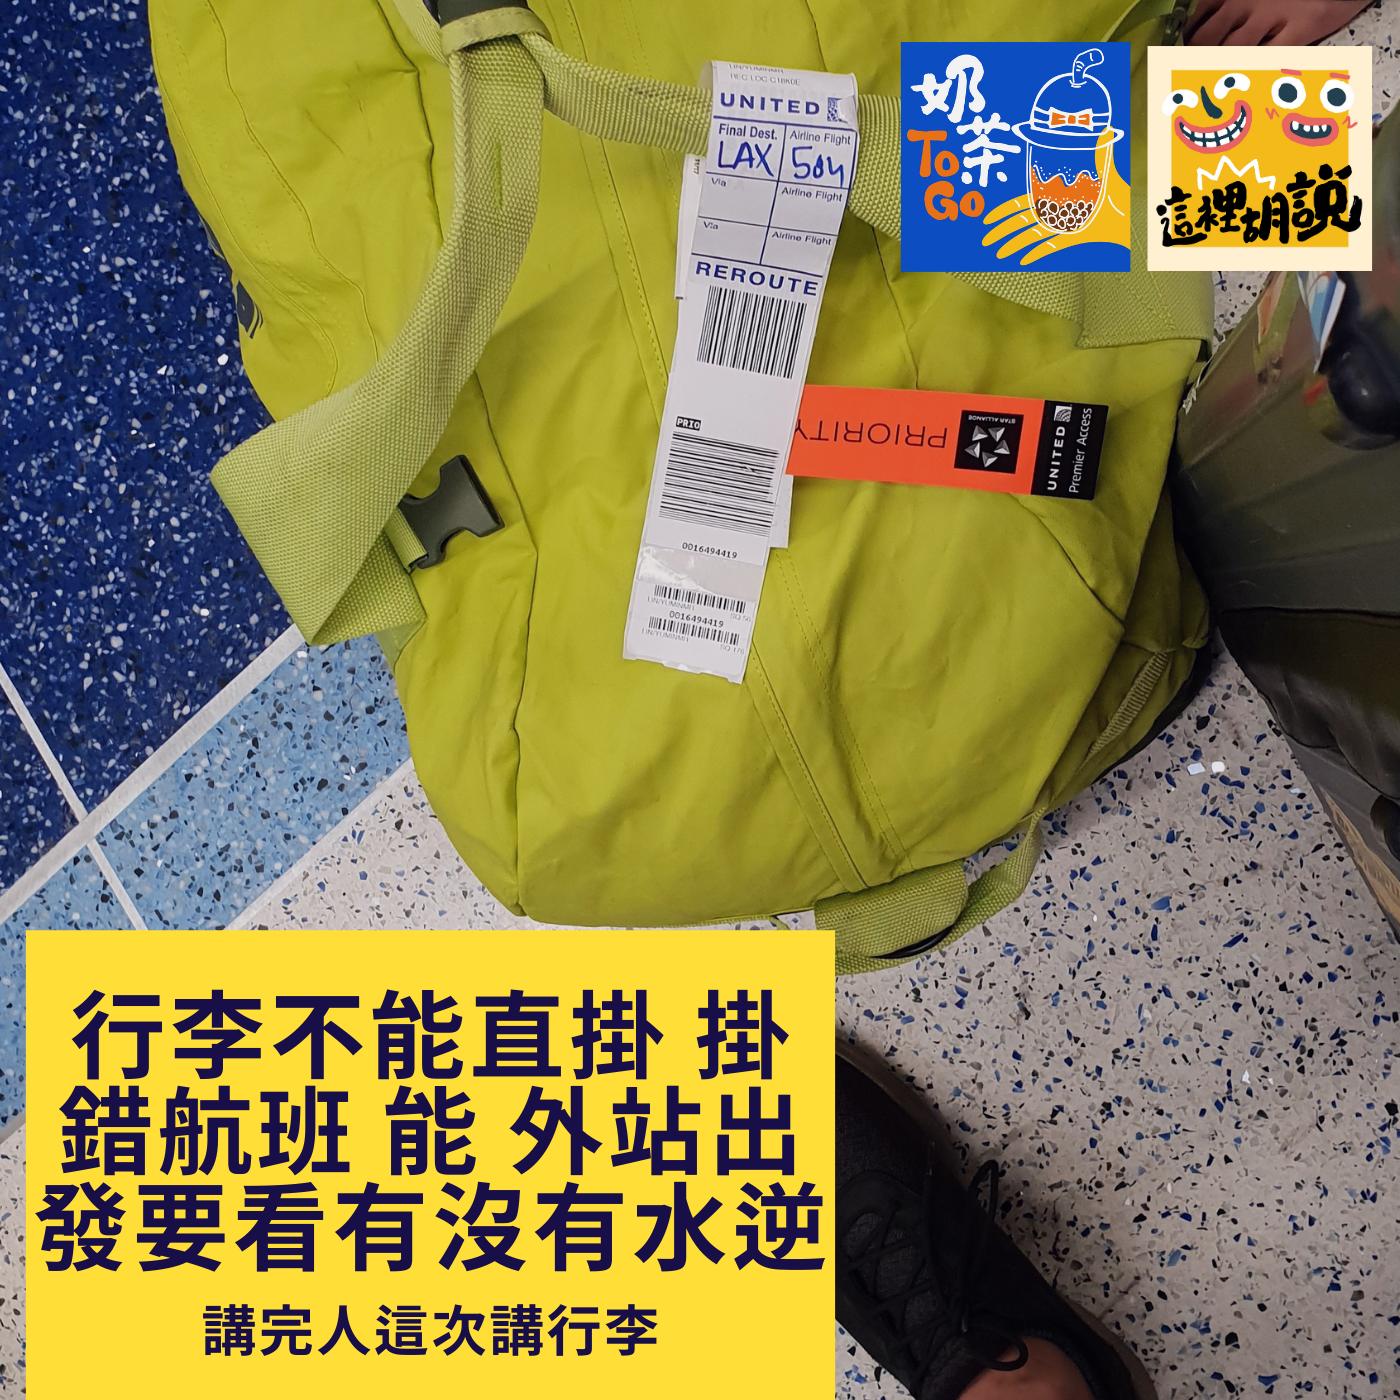 013. 行李不能直掛 掛錯航班 外站出發還得看有沒有水逆